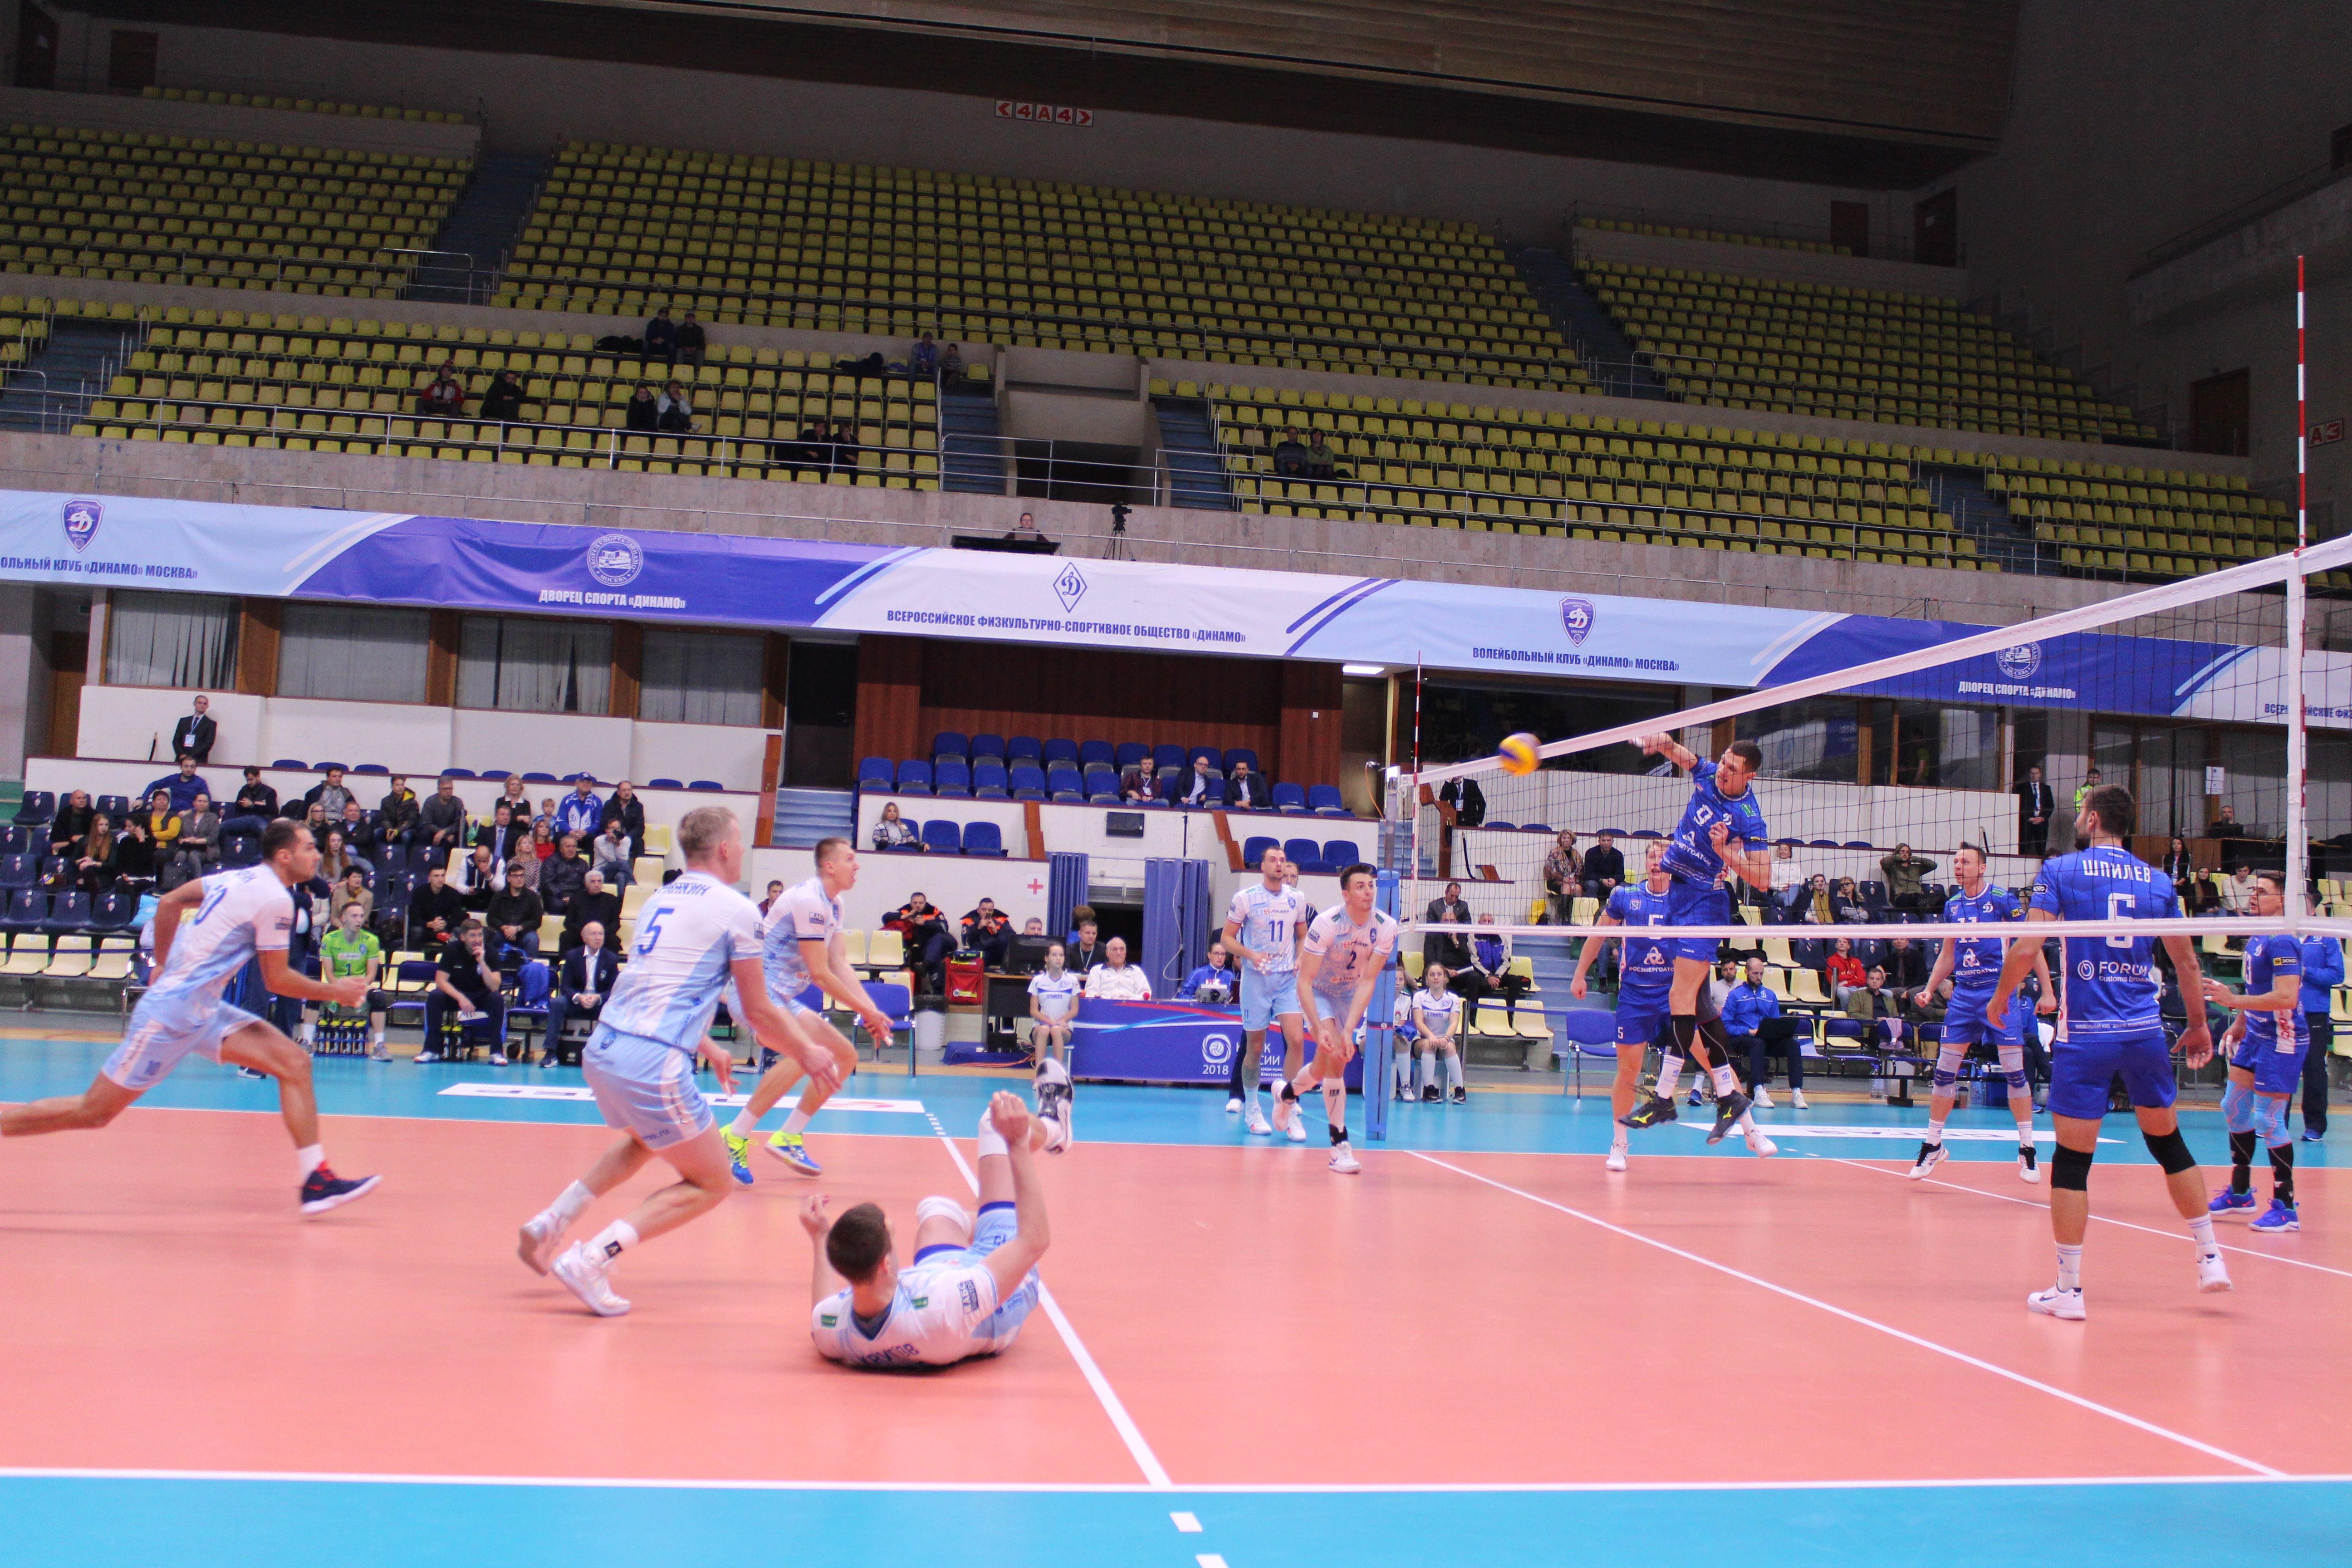 Волейболисты из Филимонковского сразятся против спортсменов из Троицка